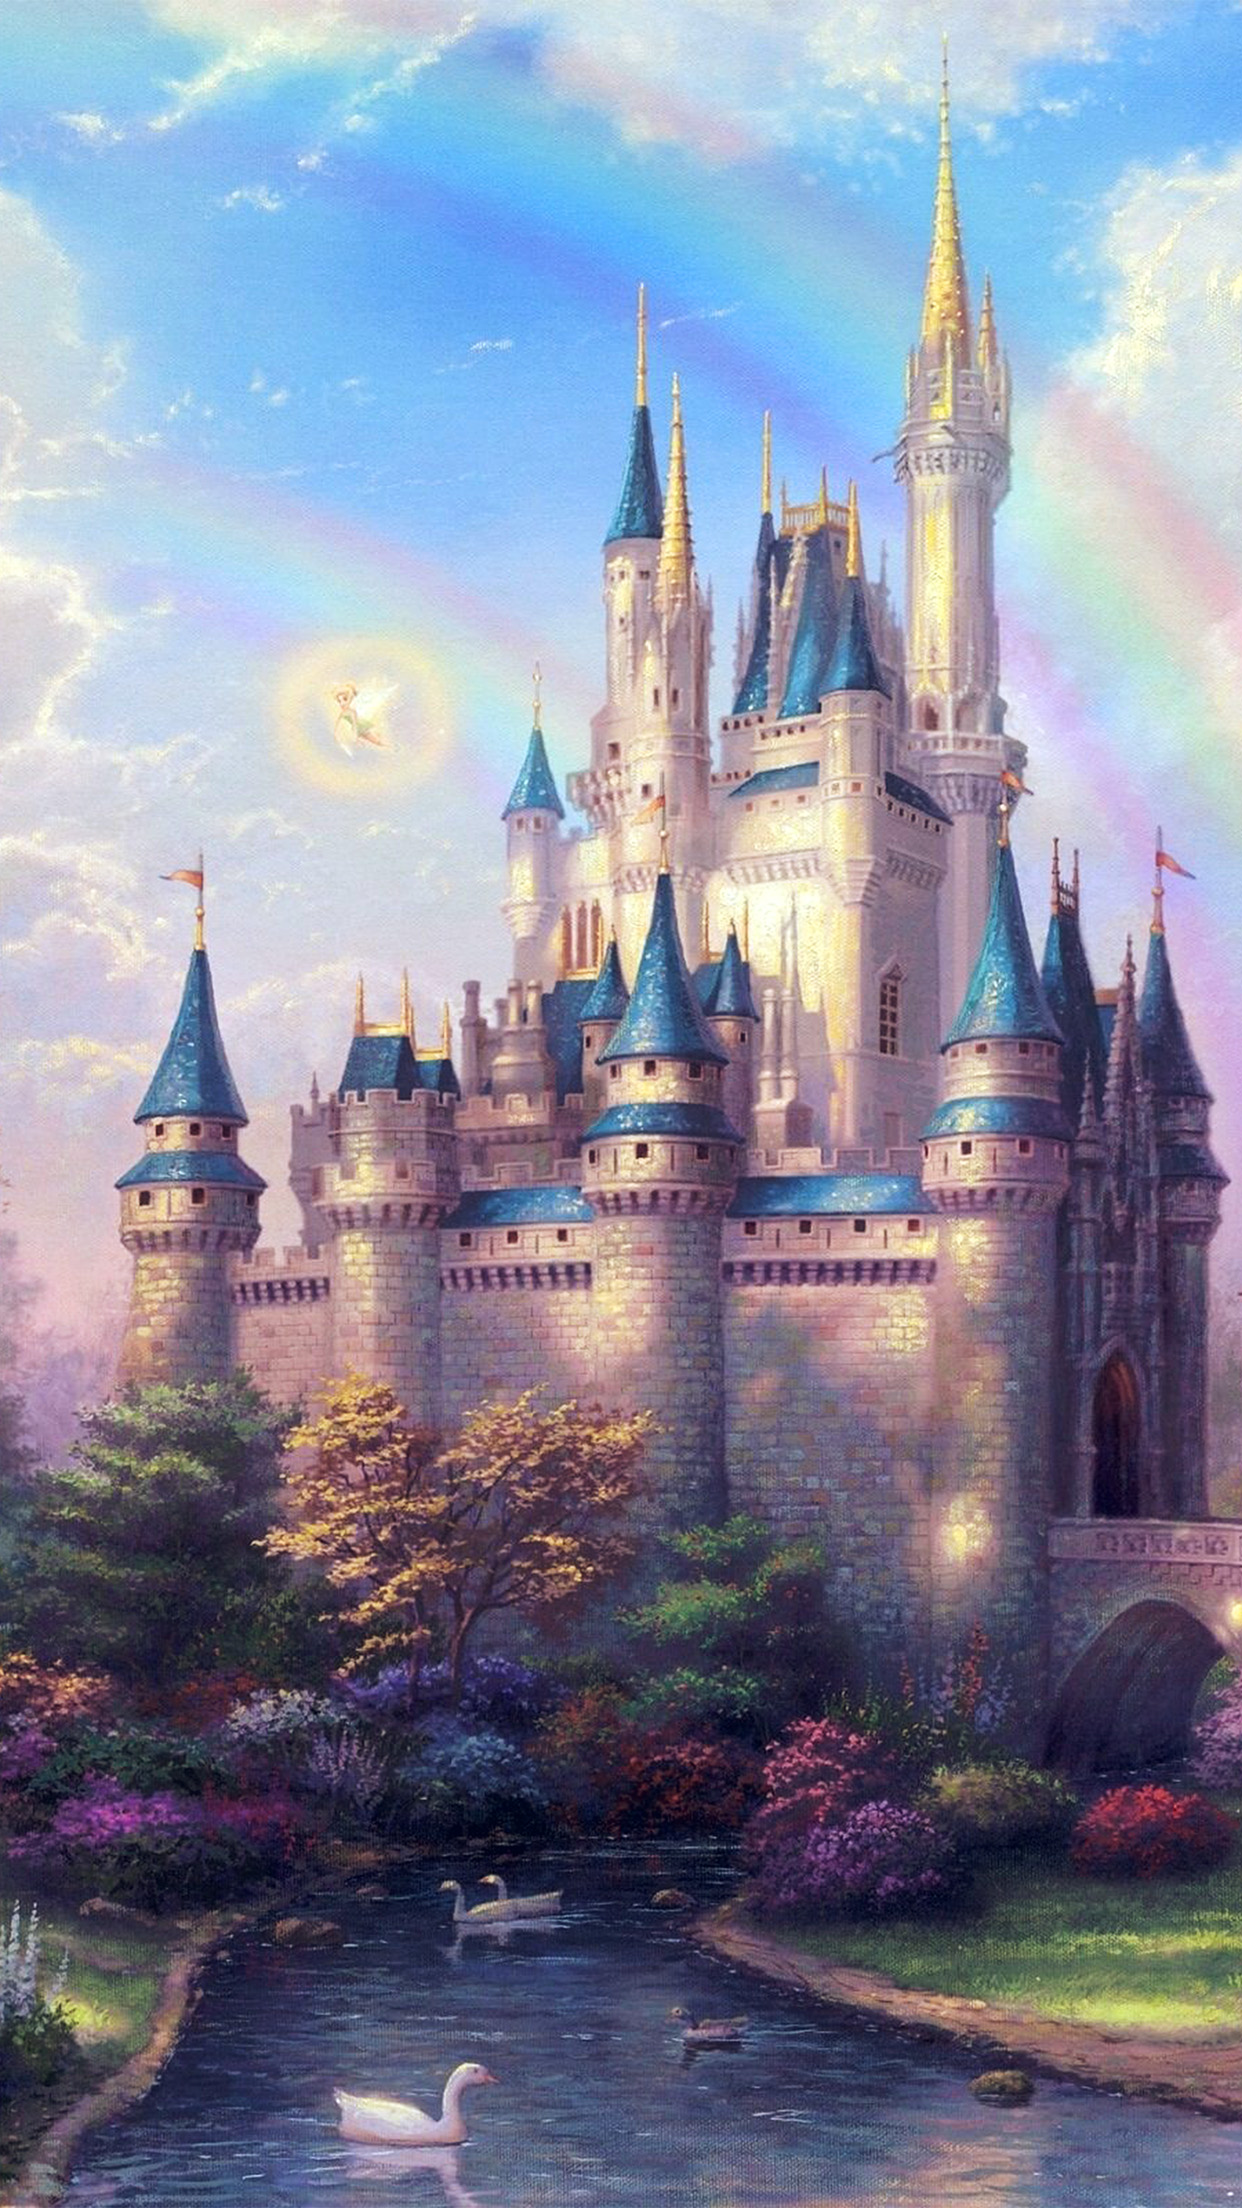 Best Disney Castle Wallpaper Tumblr Rescue World Org